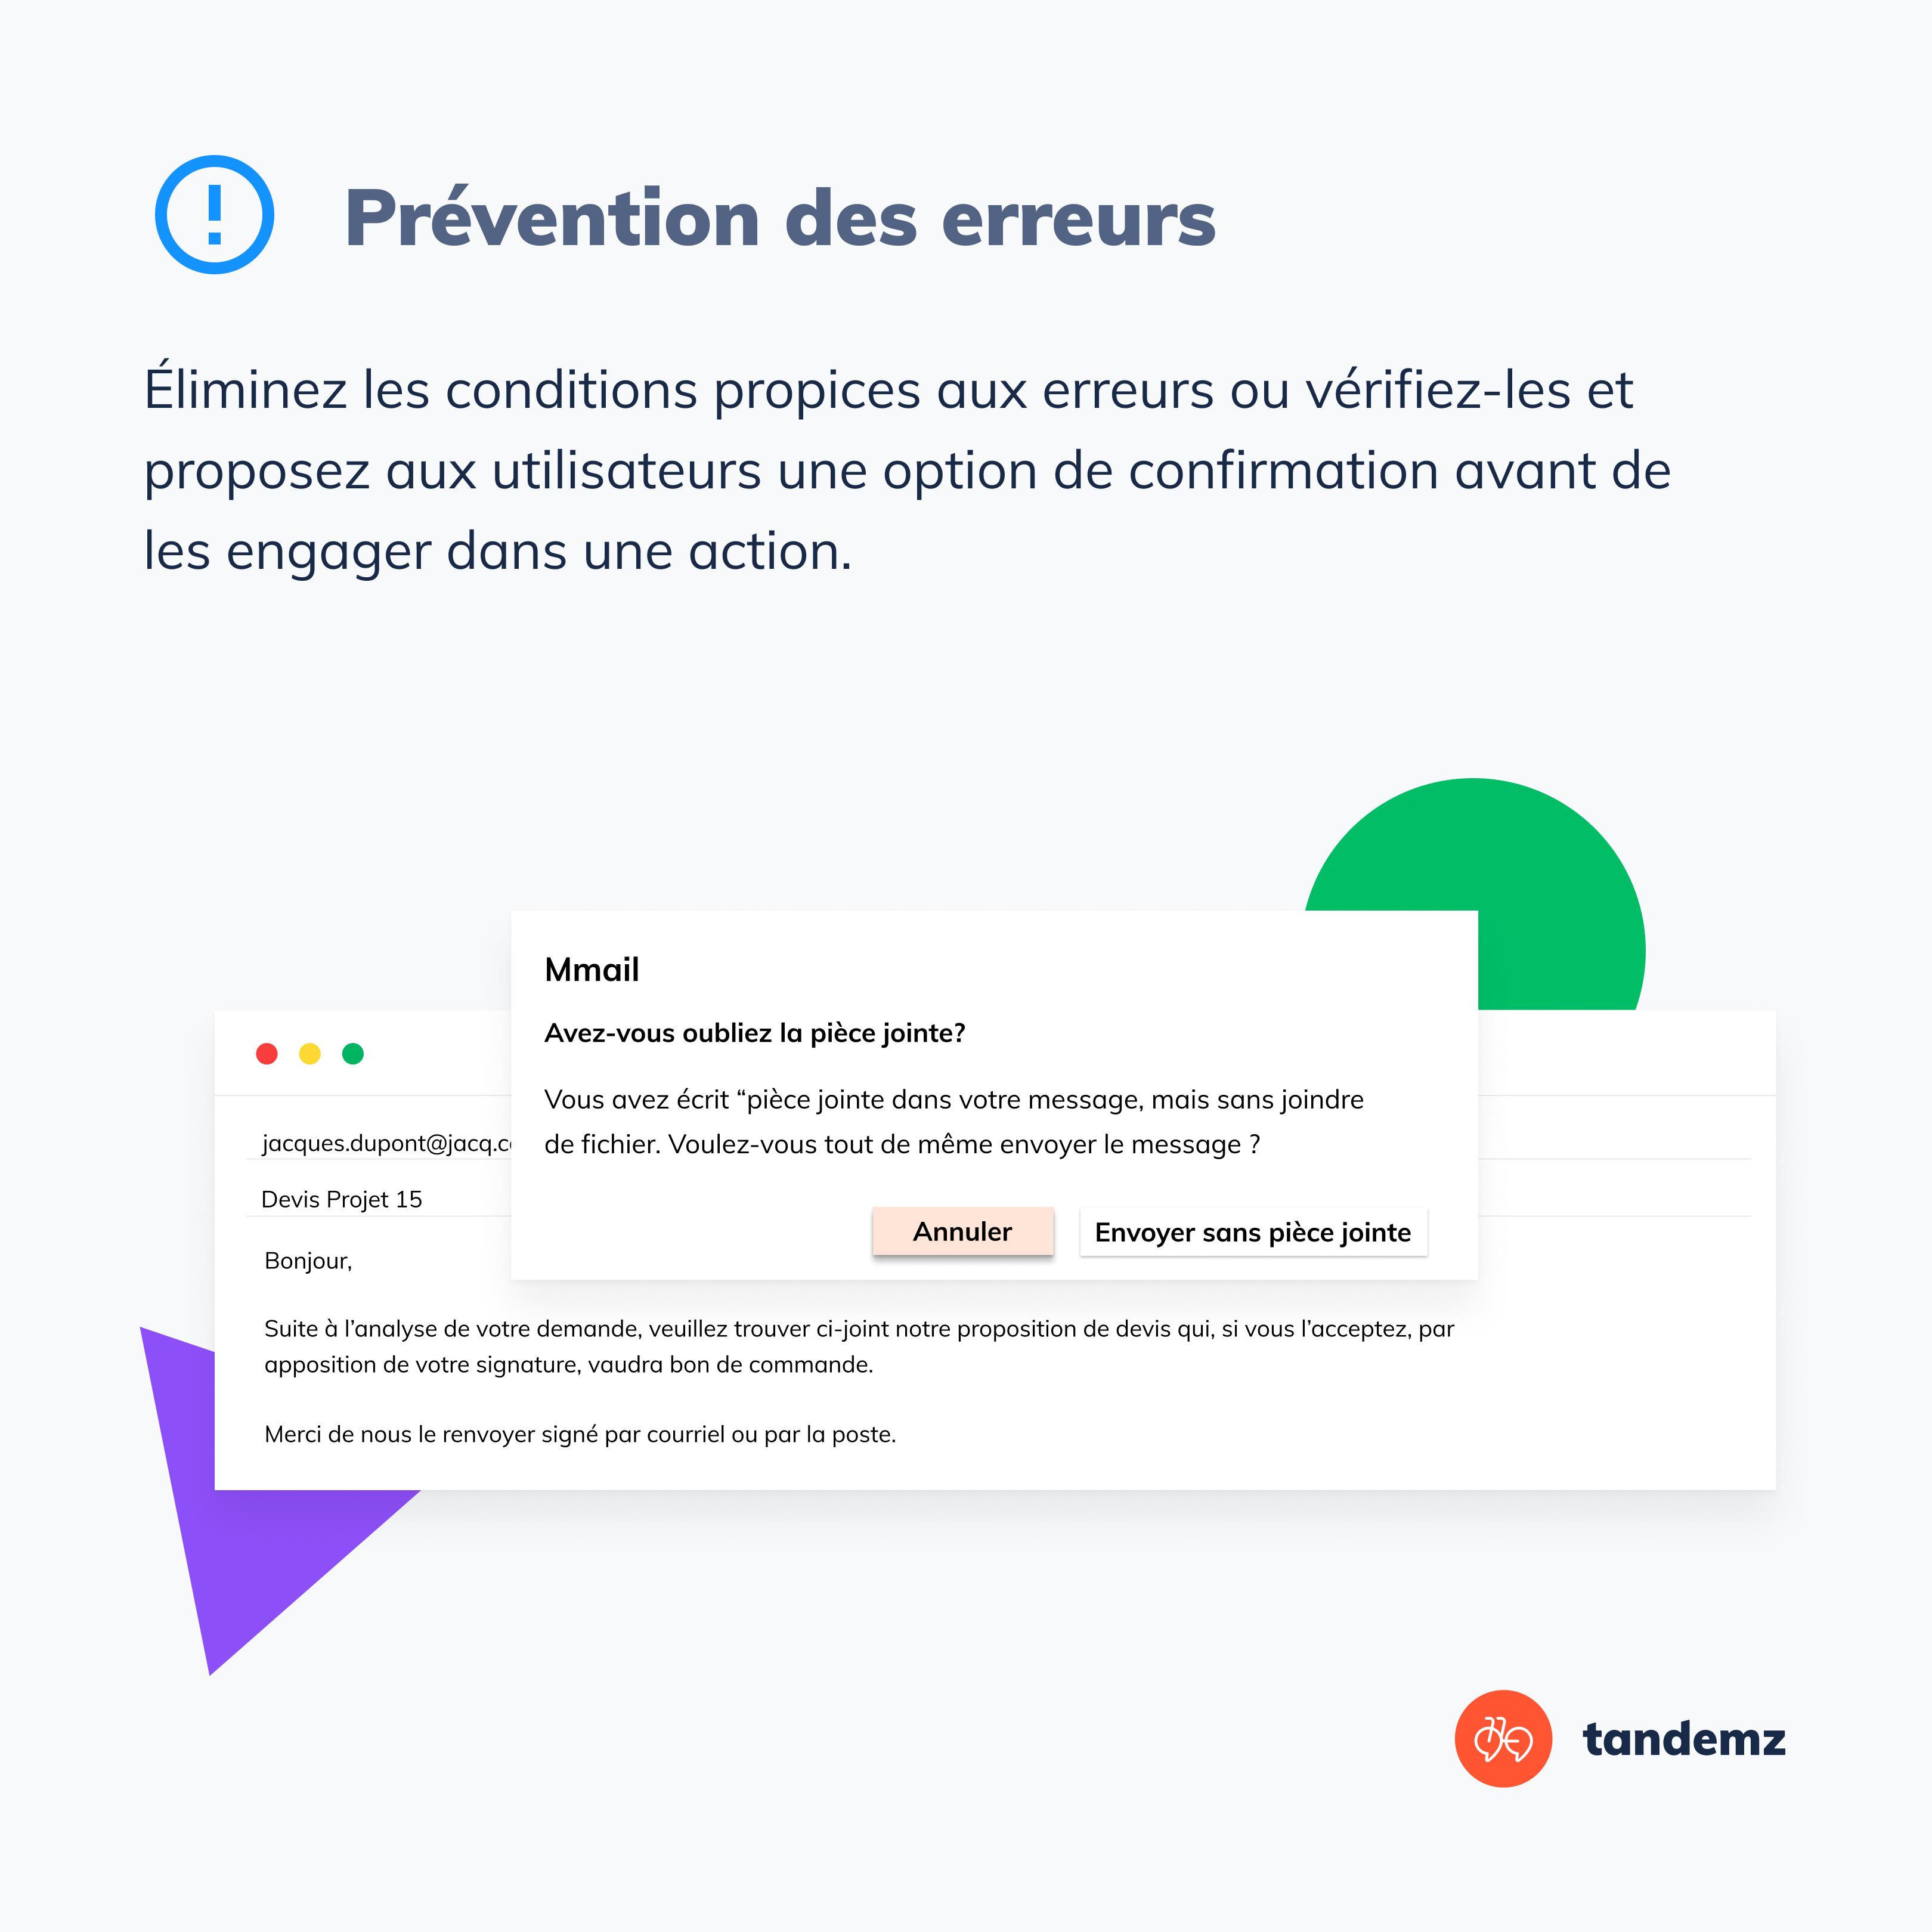 Proposer aux utilisateurs une option de confirmation avant de les engager dans une action